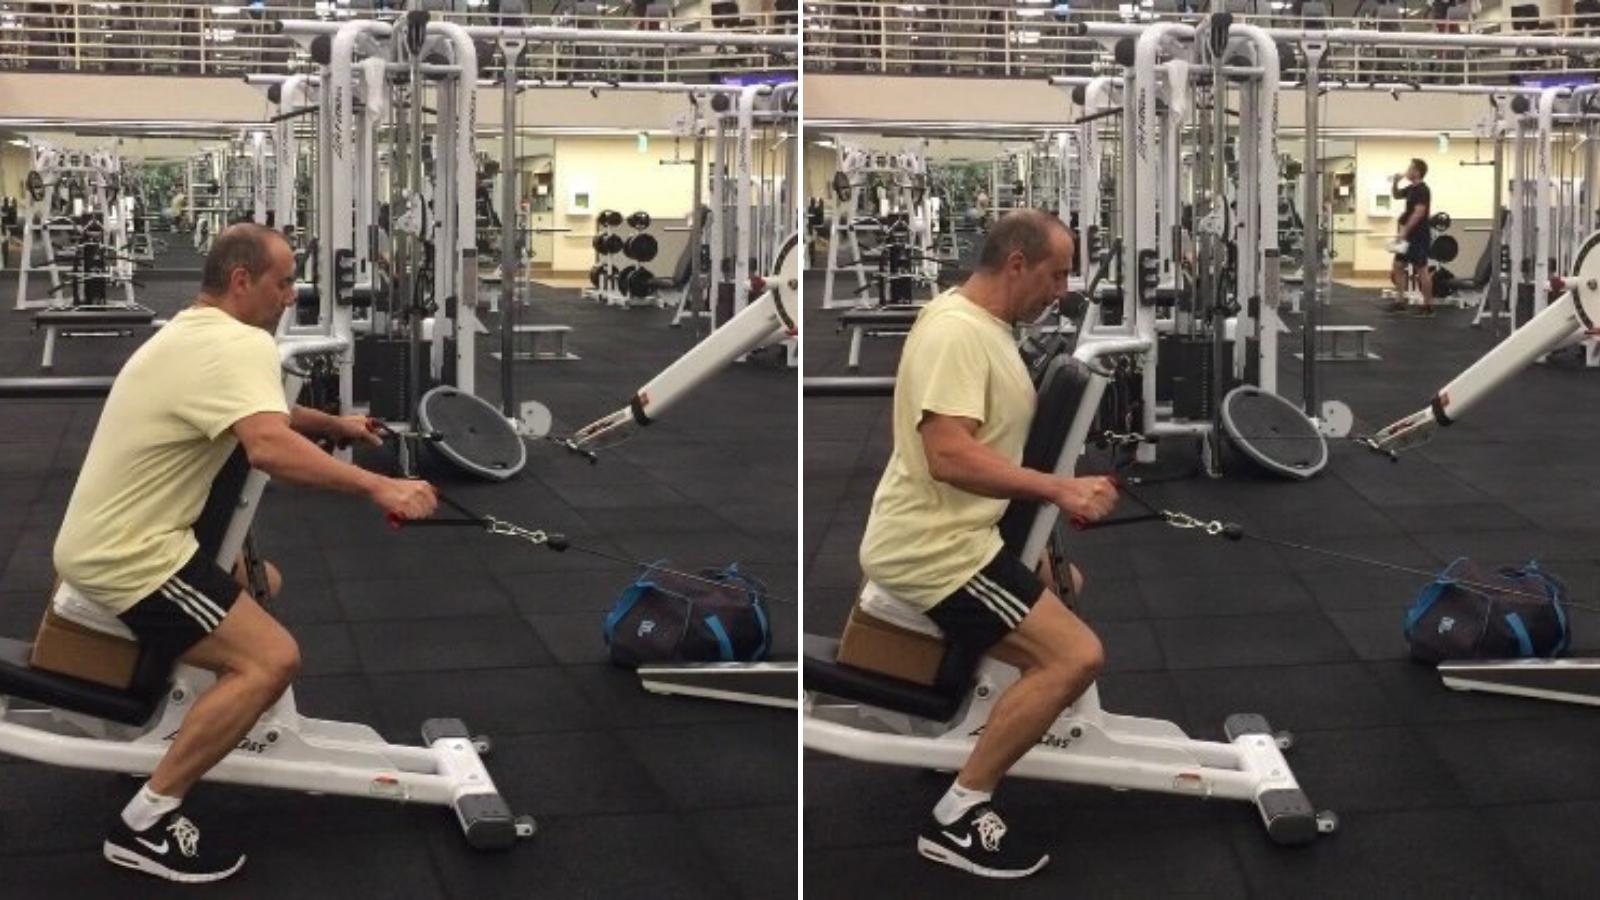 Scapula Shrug horizontal pulling exercises